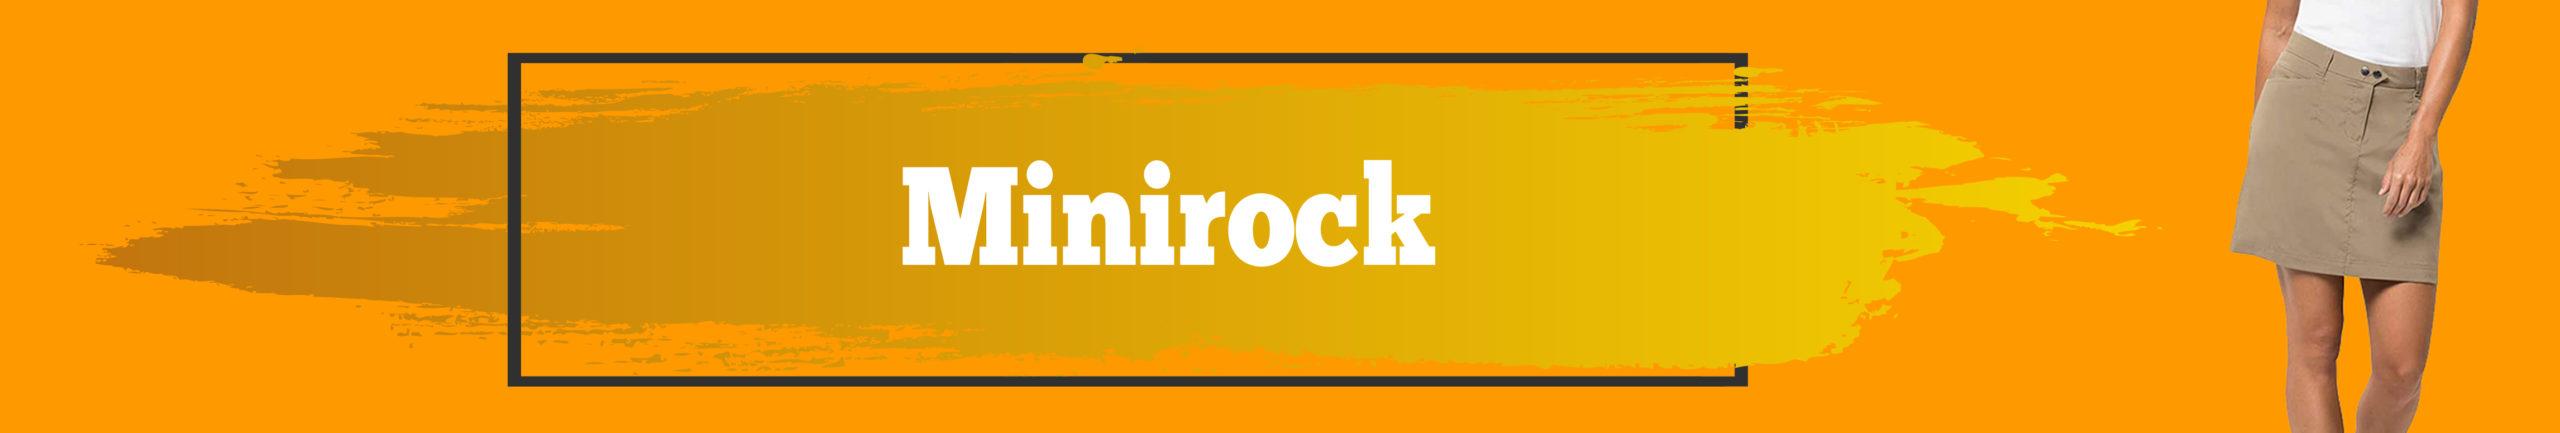 mini-rock-kaufen.de